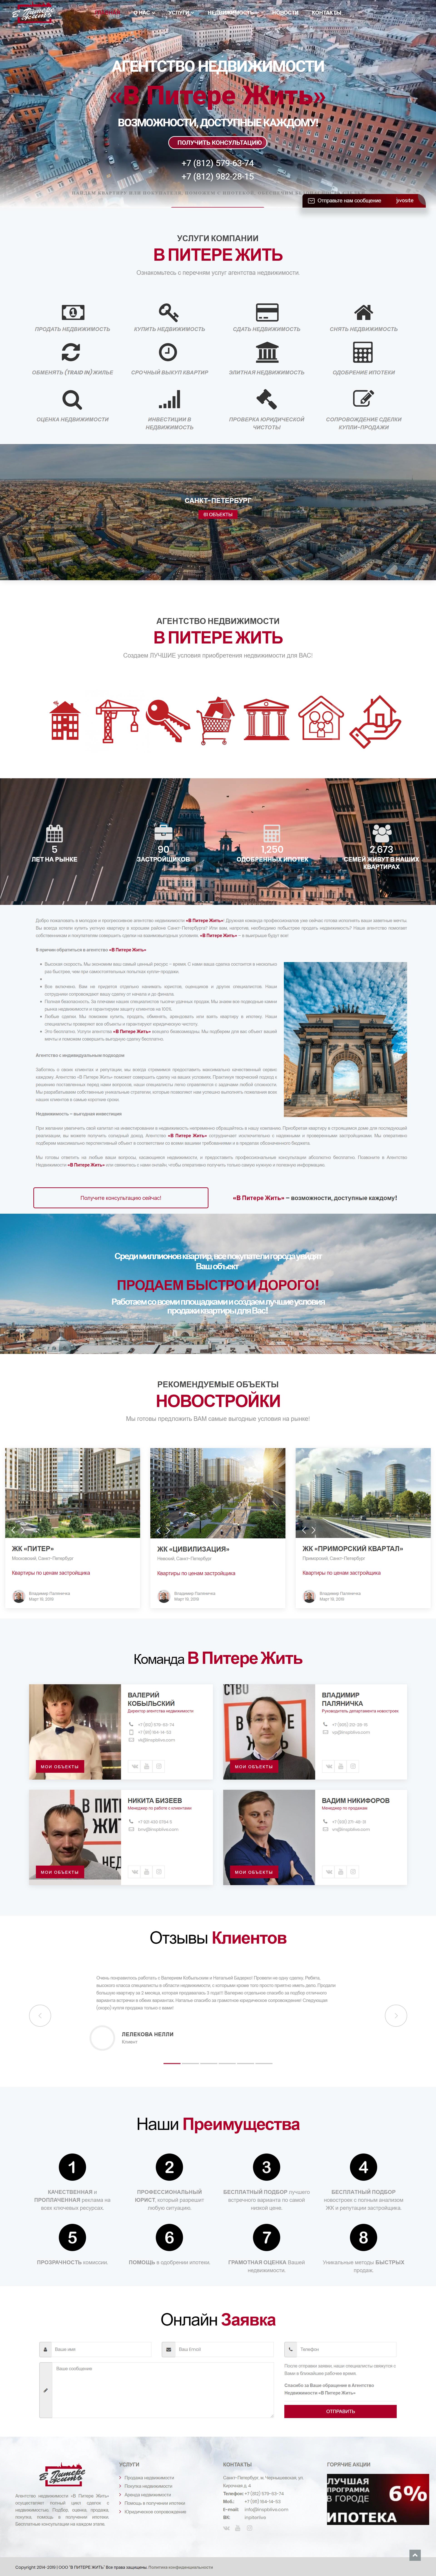 сайт inspblive.com